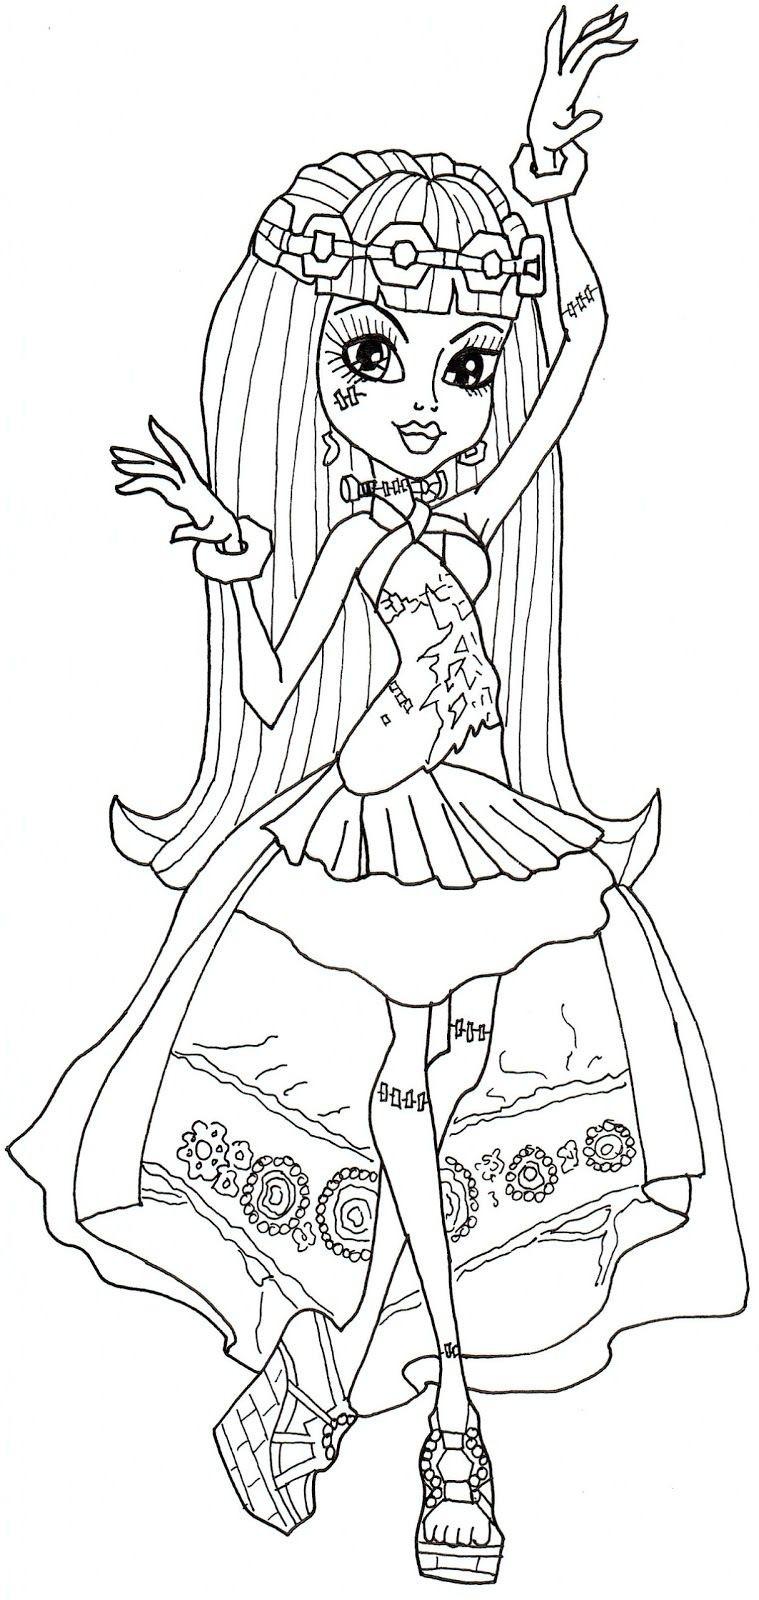 Ausmalbilder Monster High Frankie Stein Frisch Free Printable Monster High Coloring Pages Frankie Stein 13 Wishes Bilder